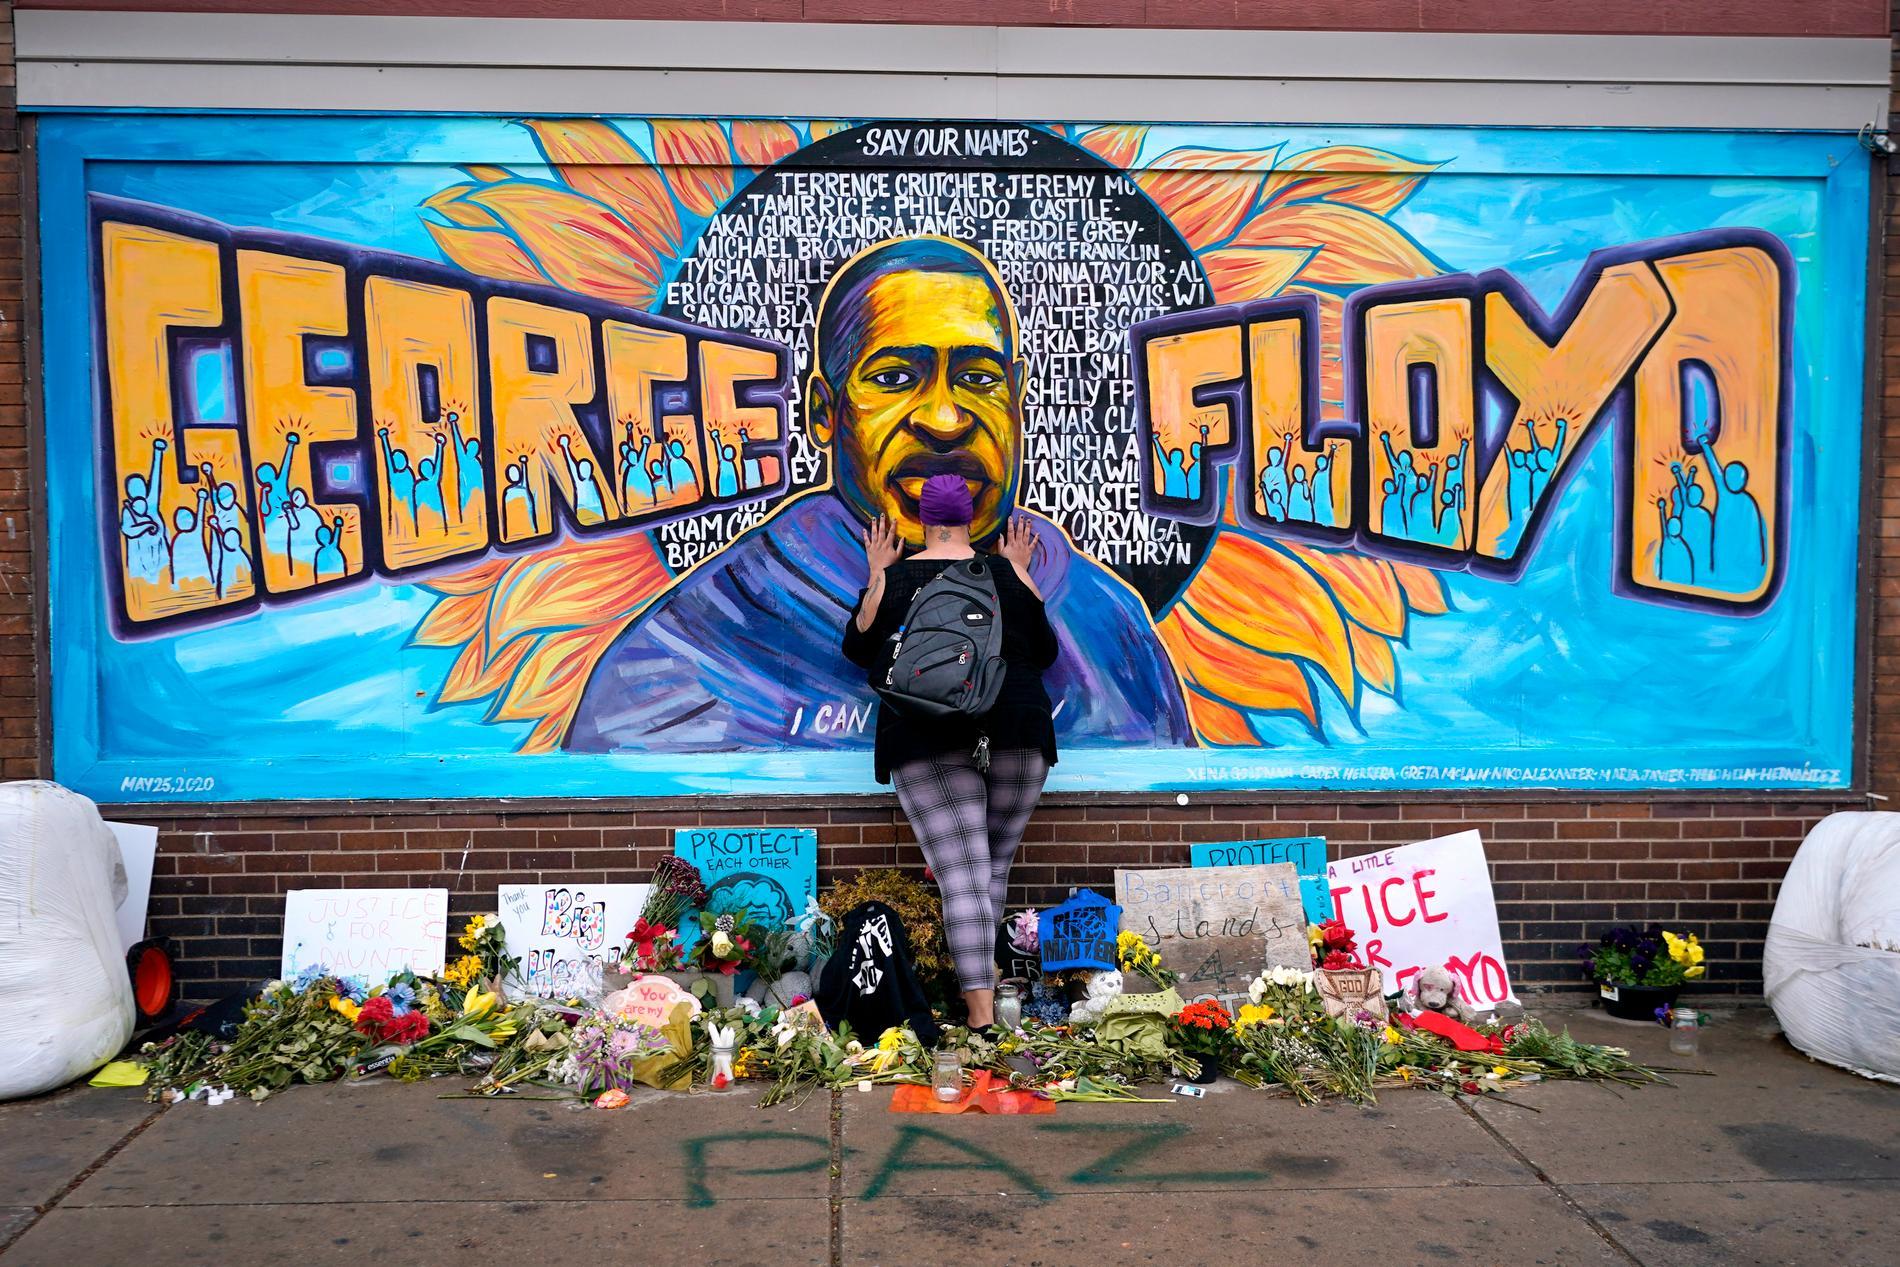 Förbipasserande hedrar George Floyd, som dog i ett våldsamt polisingripande i fjol, i dennes hemstad Minneapolis i USA. Där pågår nu en omröstning om huruvida poliskåren ska finnas kvar i sin nuvarande form.